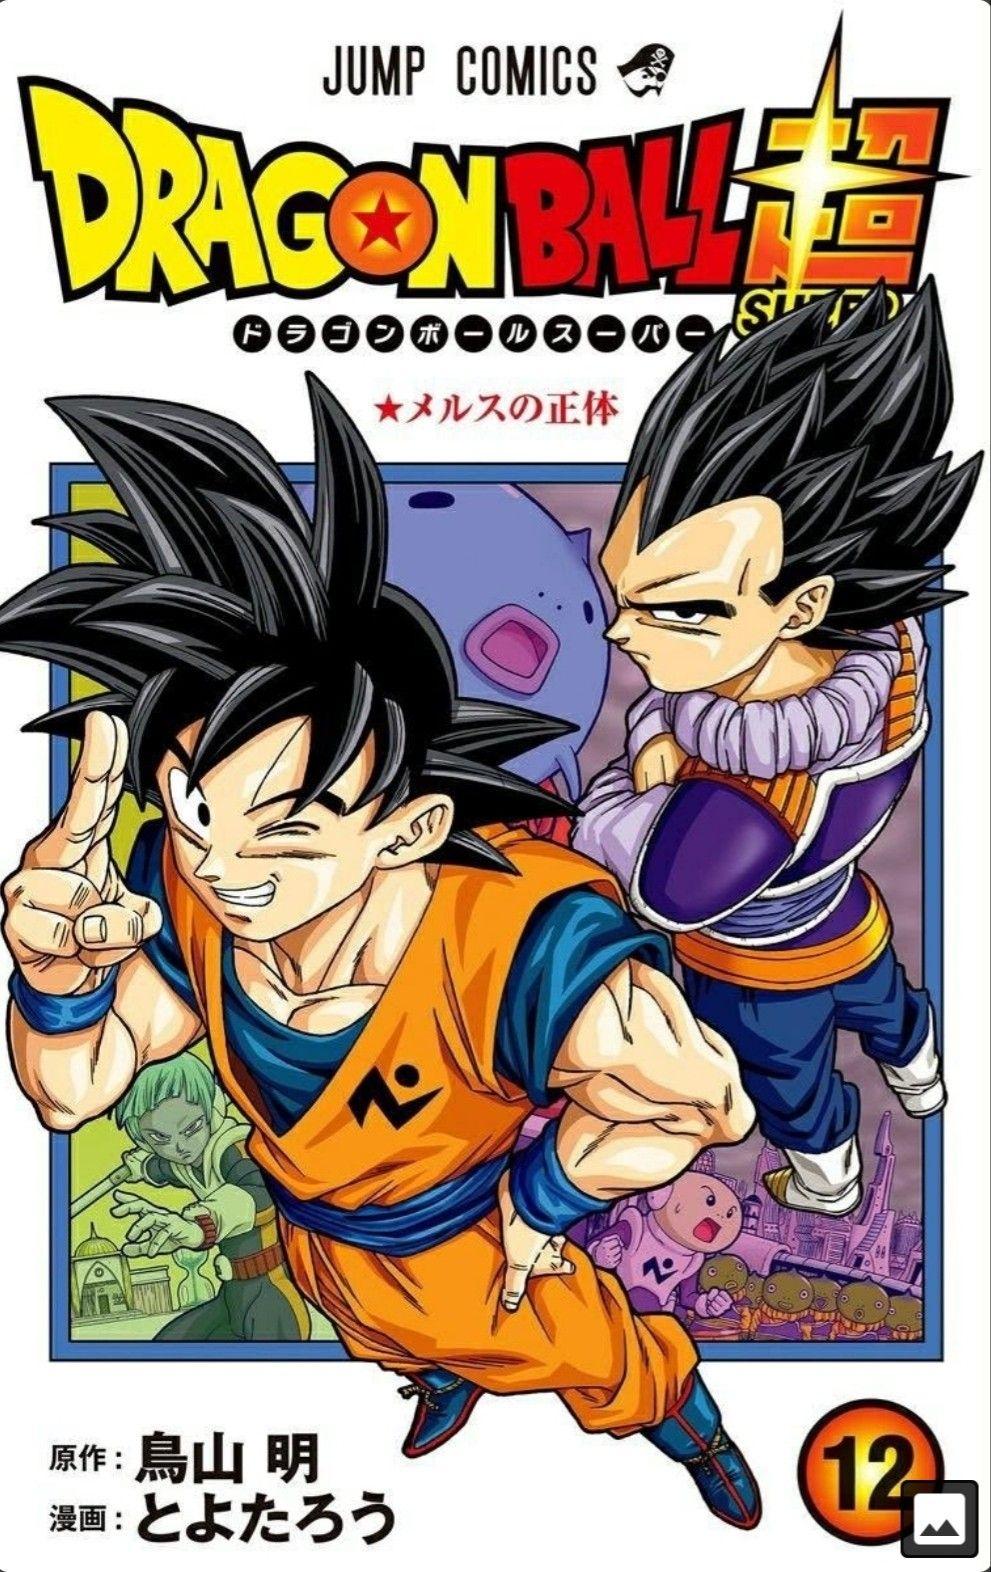 dragon ball super manga vol 12 cover dragon ball super manga anime dragon ball super dragon ball super goku